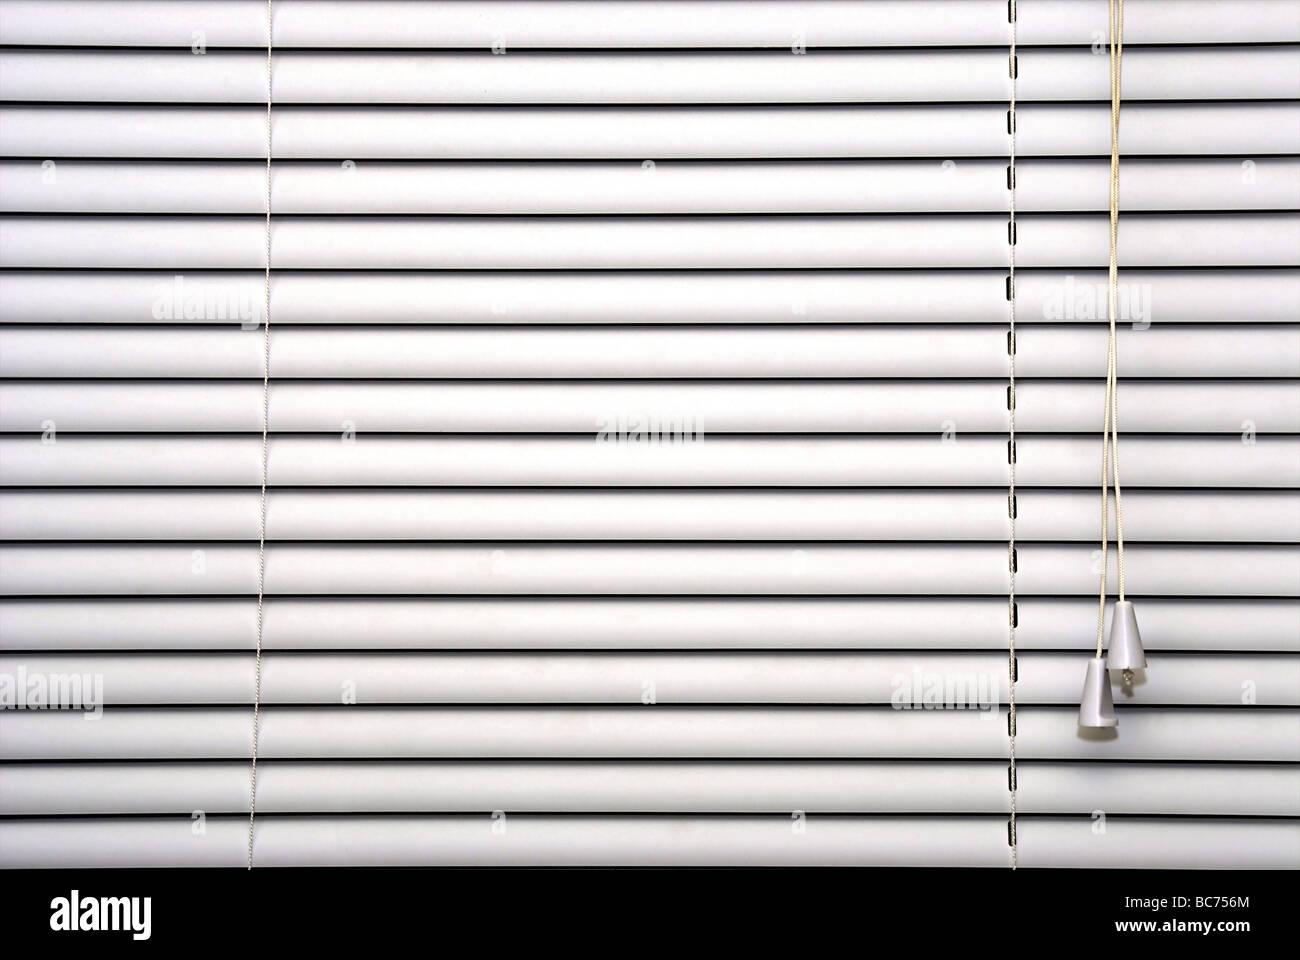 Fermé les stores blancs becs et les cordons de réglage montrant Photo Stock